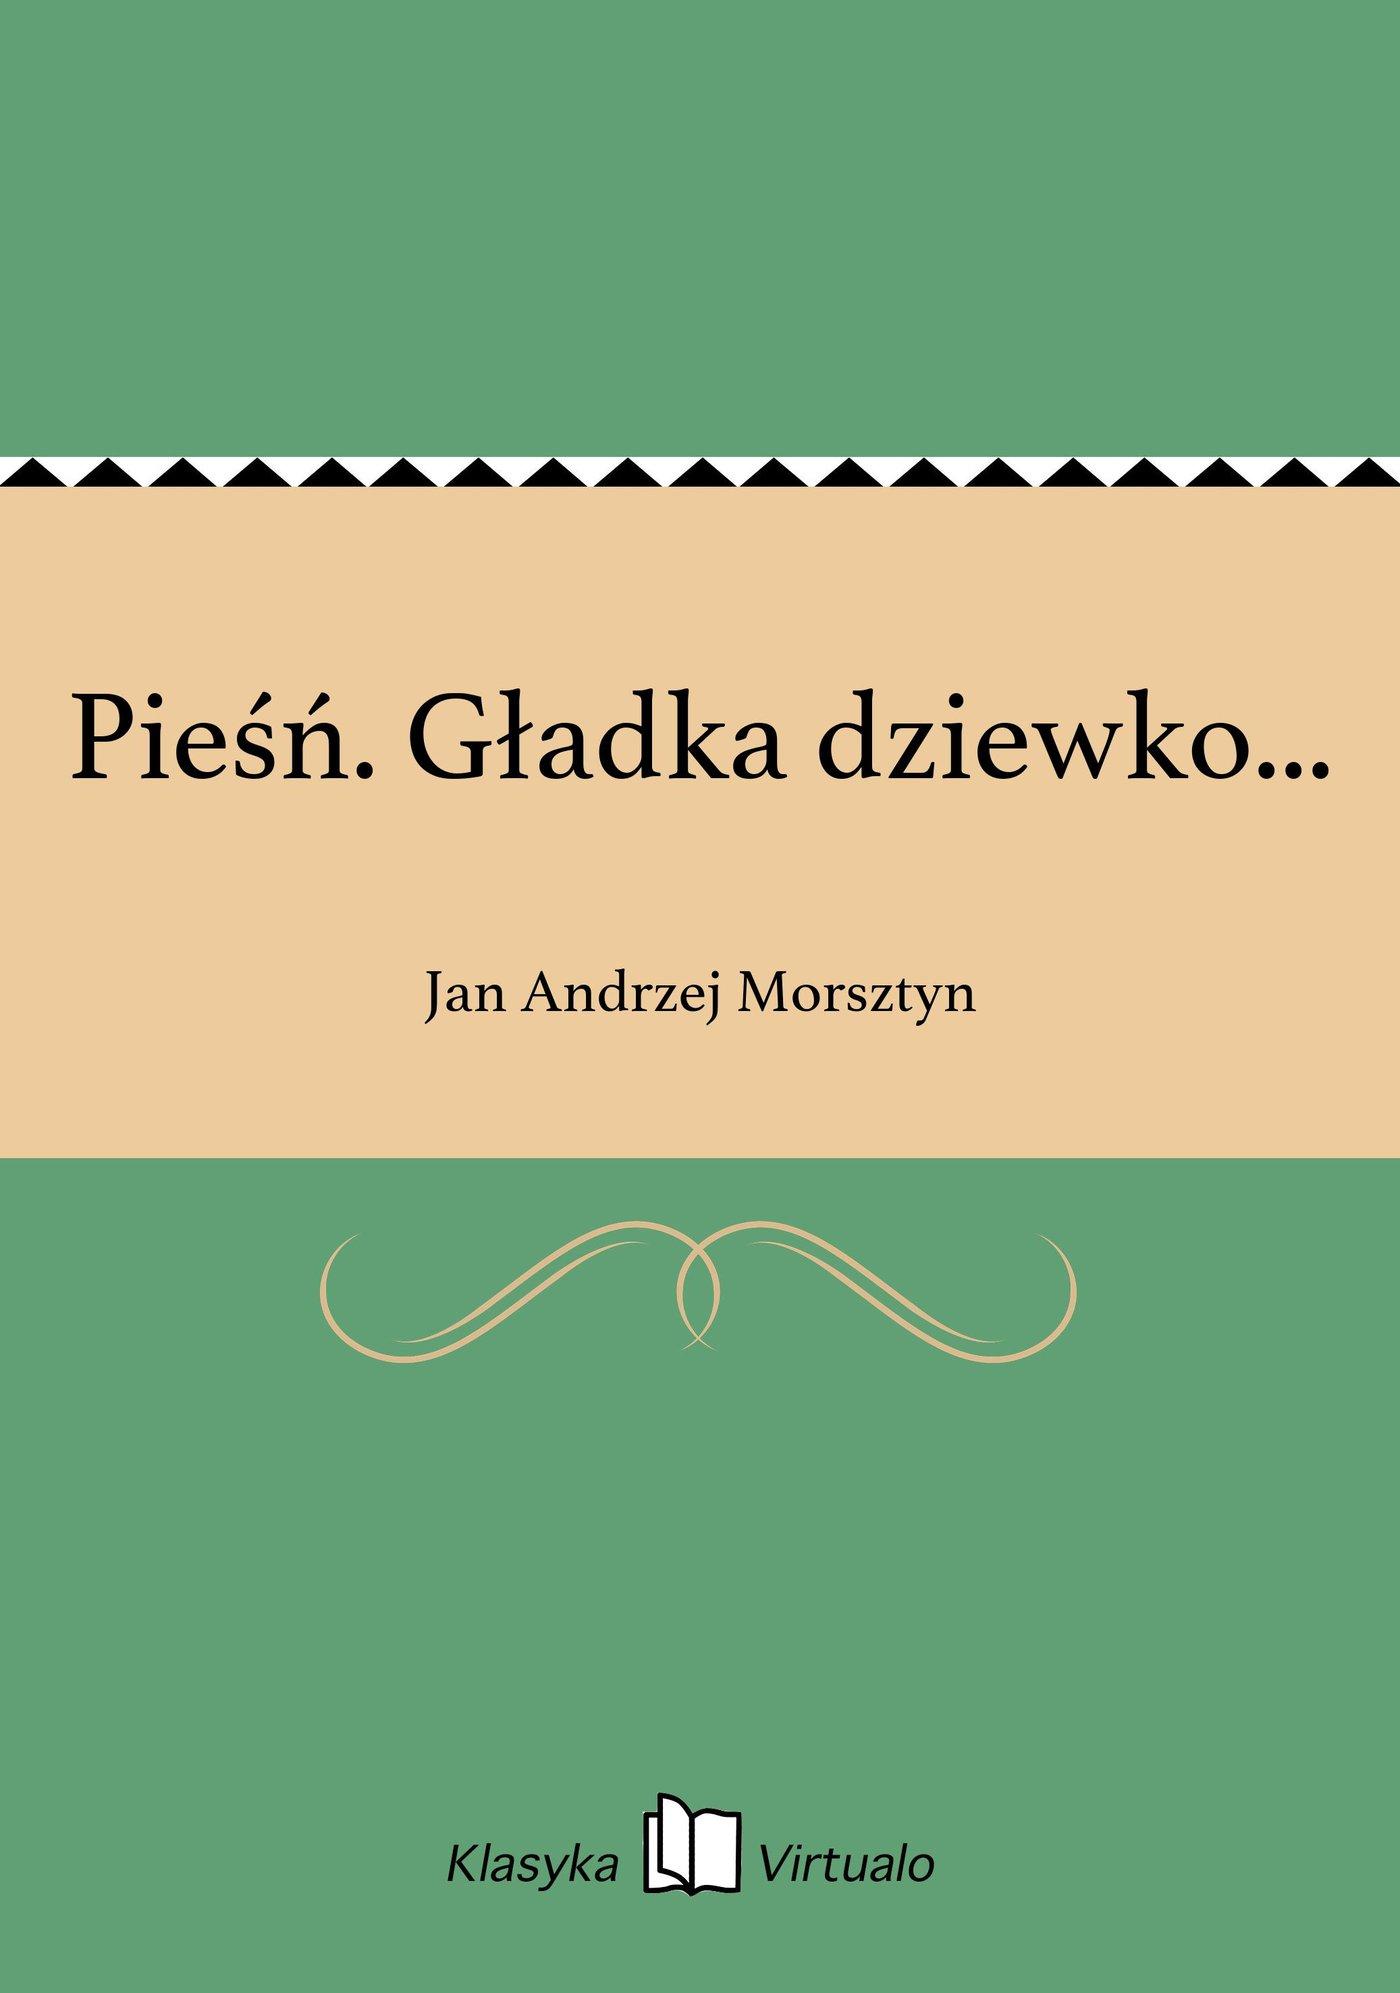 Pieśń. Gładka dziewko... - Ebook (Książka na Kindle) do pobrania w formacie MOBI